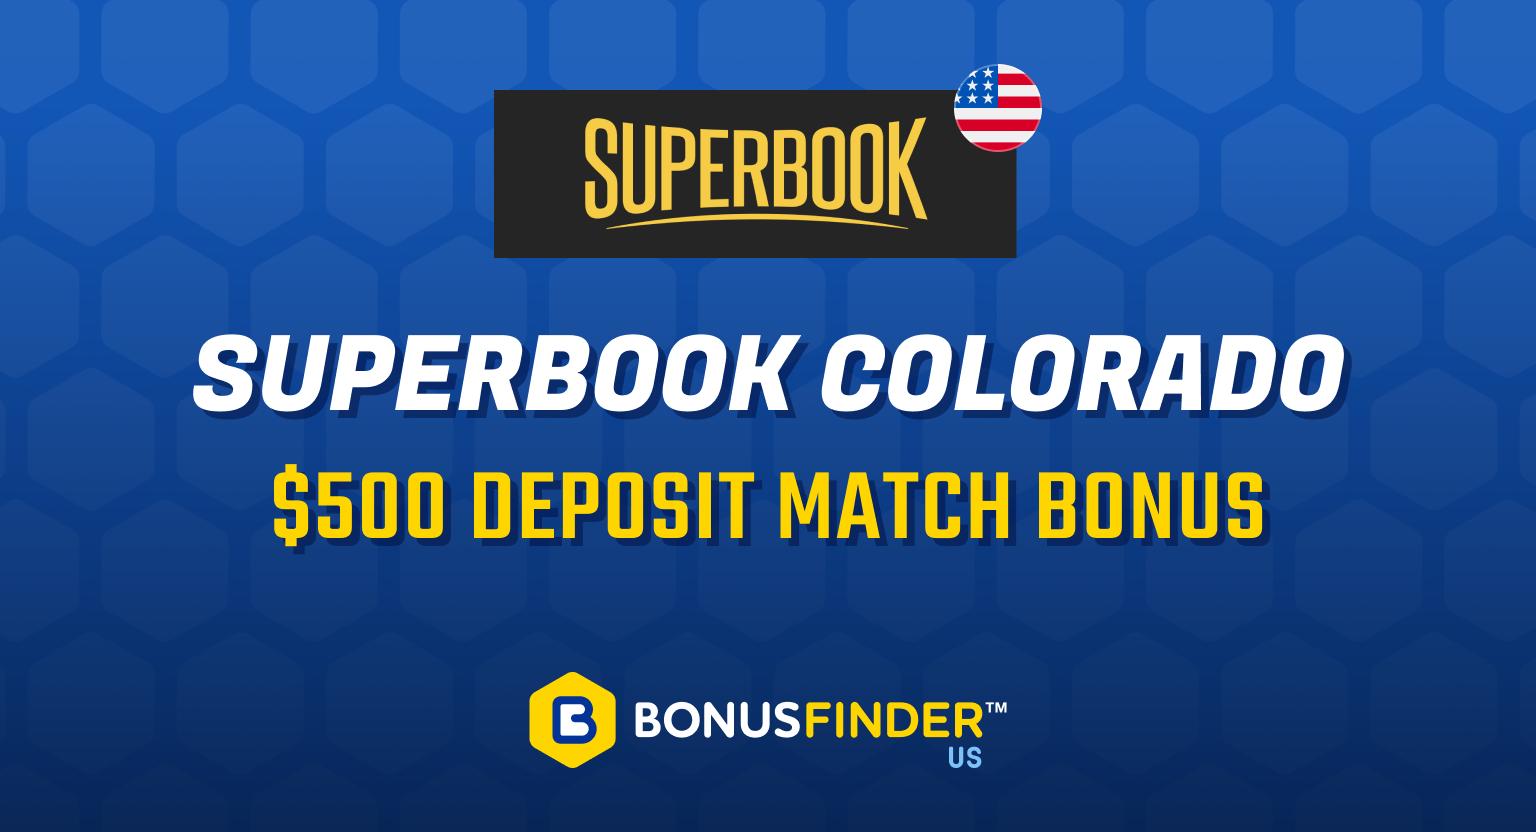 SuperBook Colorado